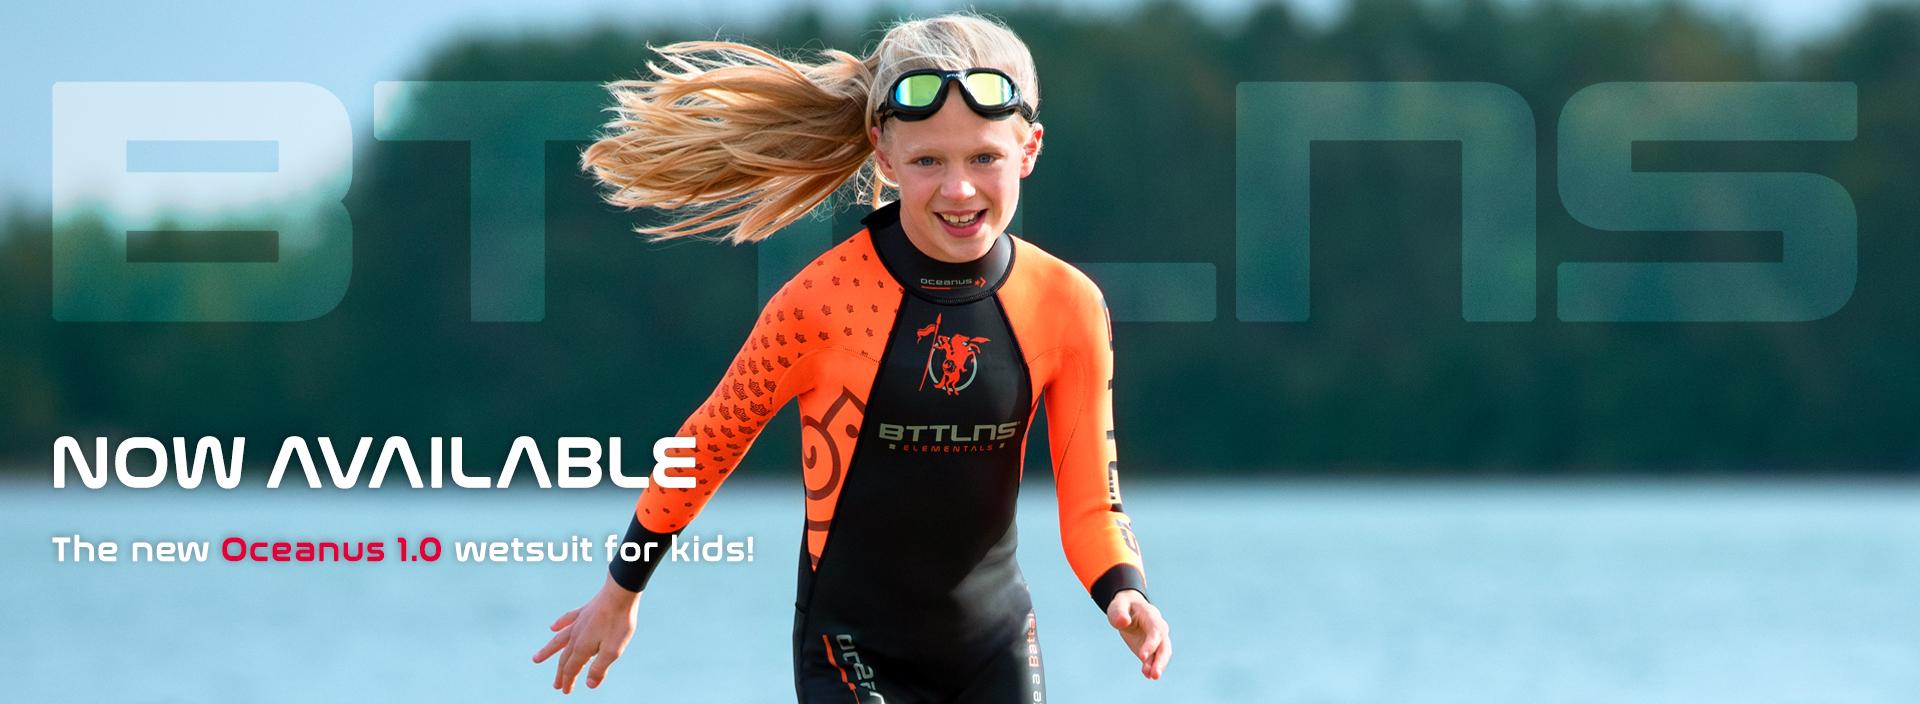 Oceanus wetsuits